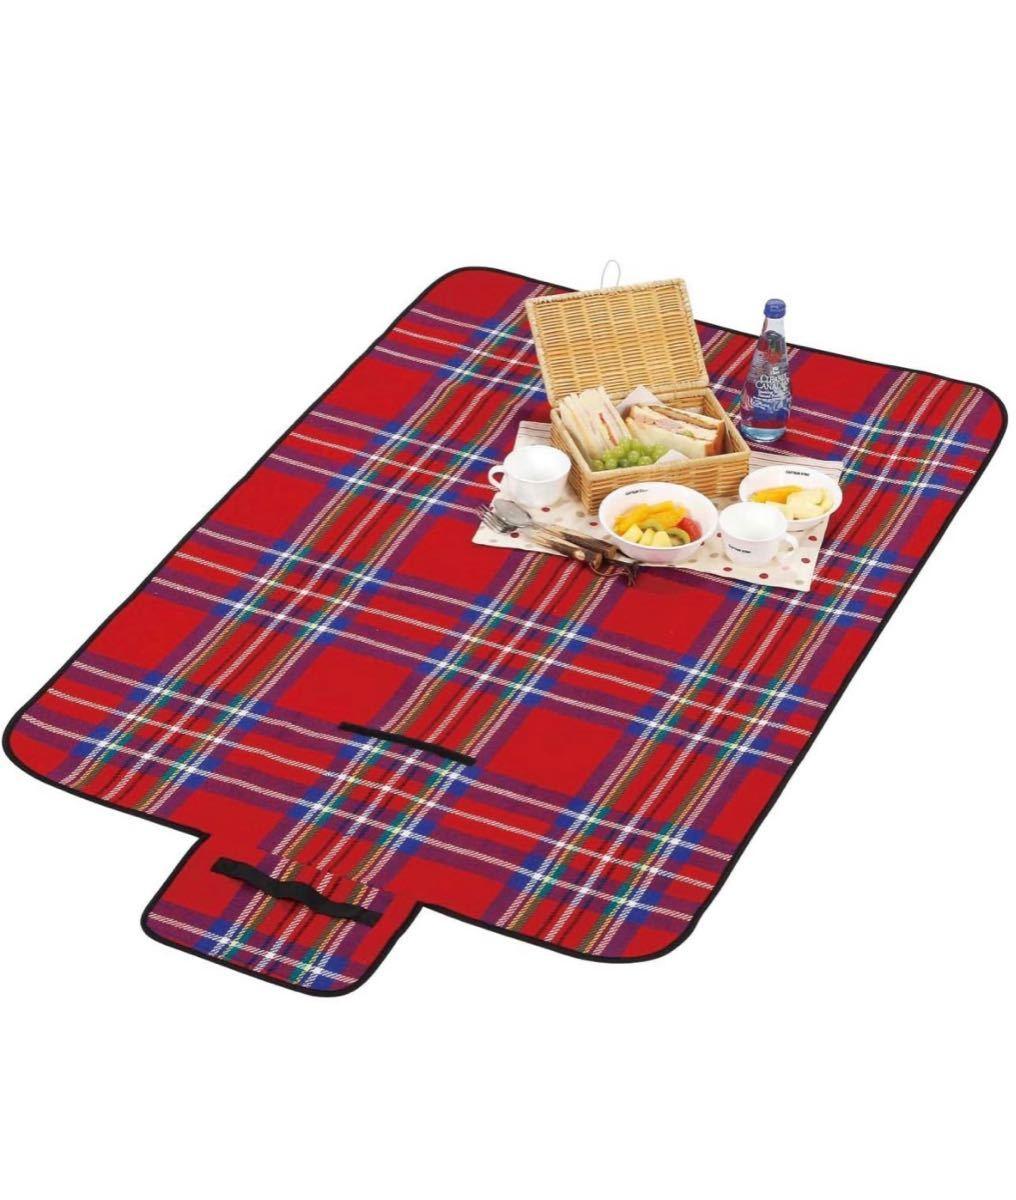 【新品未使用】PICNIC MAT ピクニックマット レジャーシート Lサイズ 防水 運動会 折り畳み 携帯 洗える 折りたたみ式